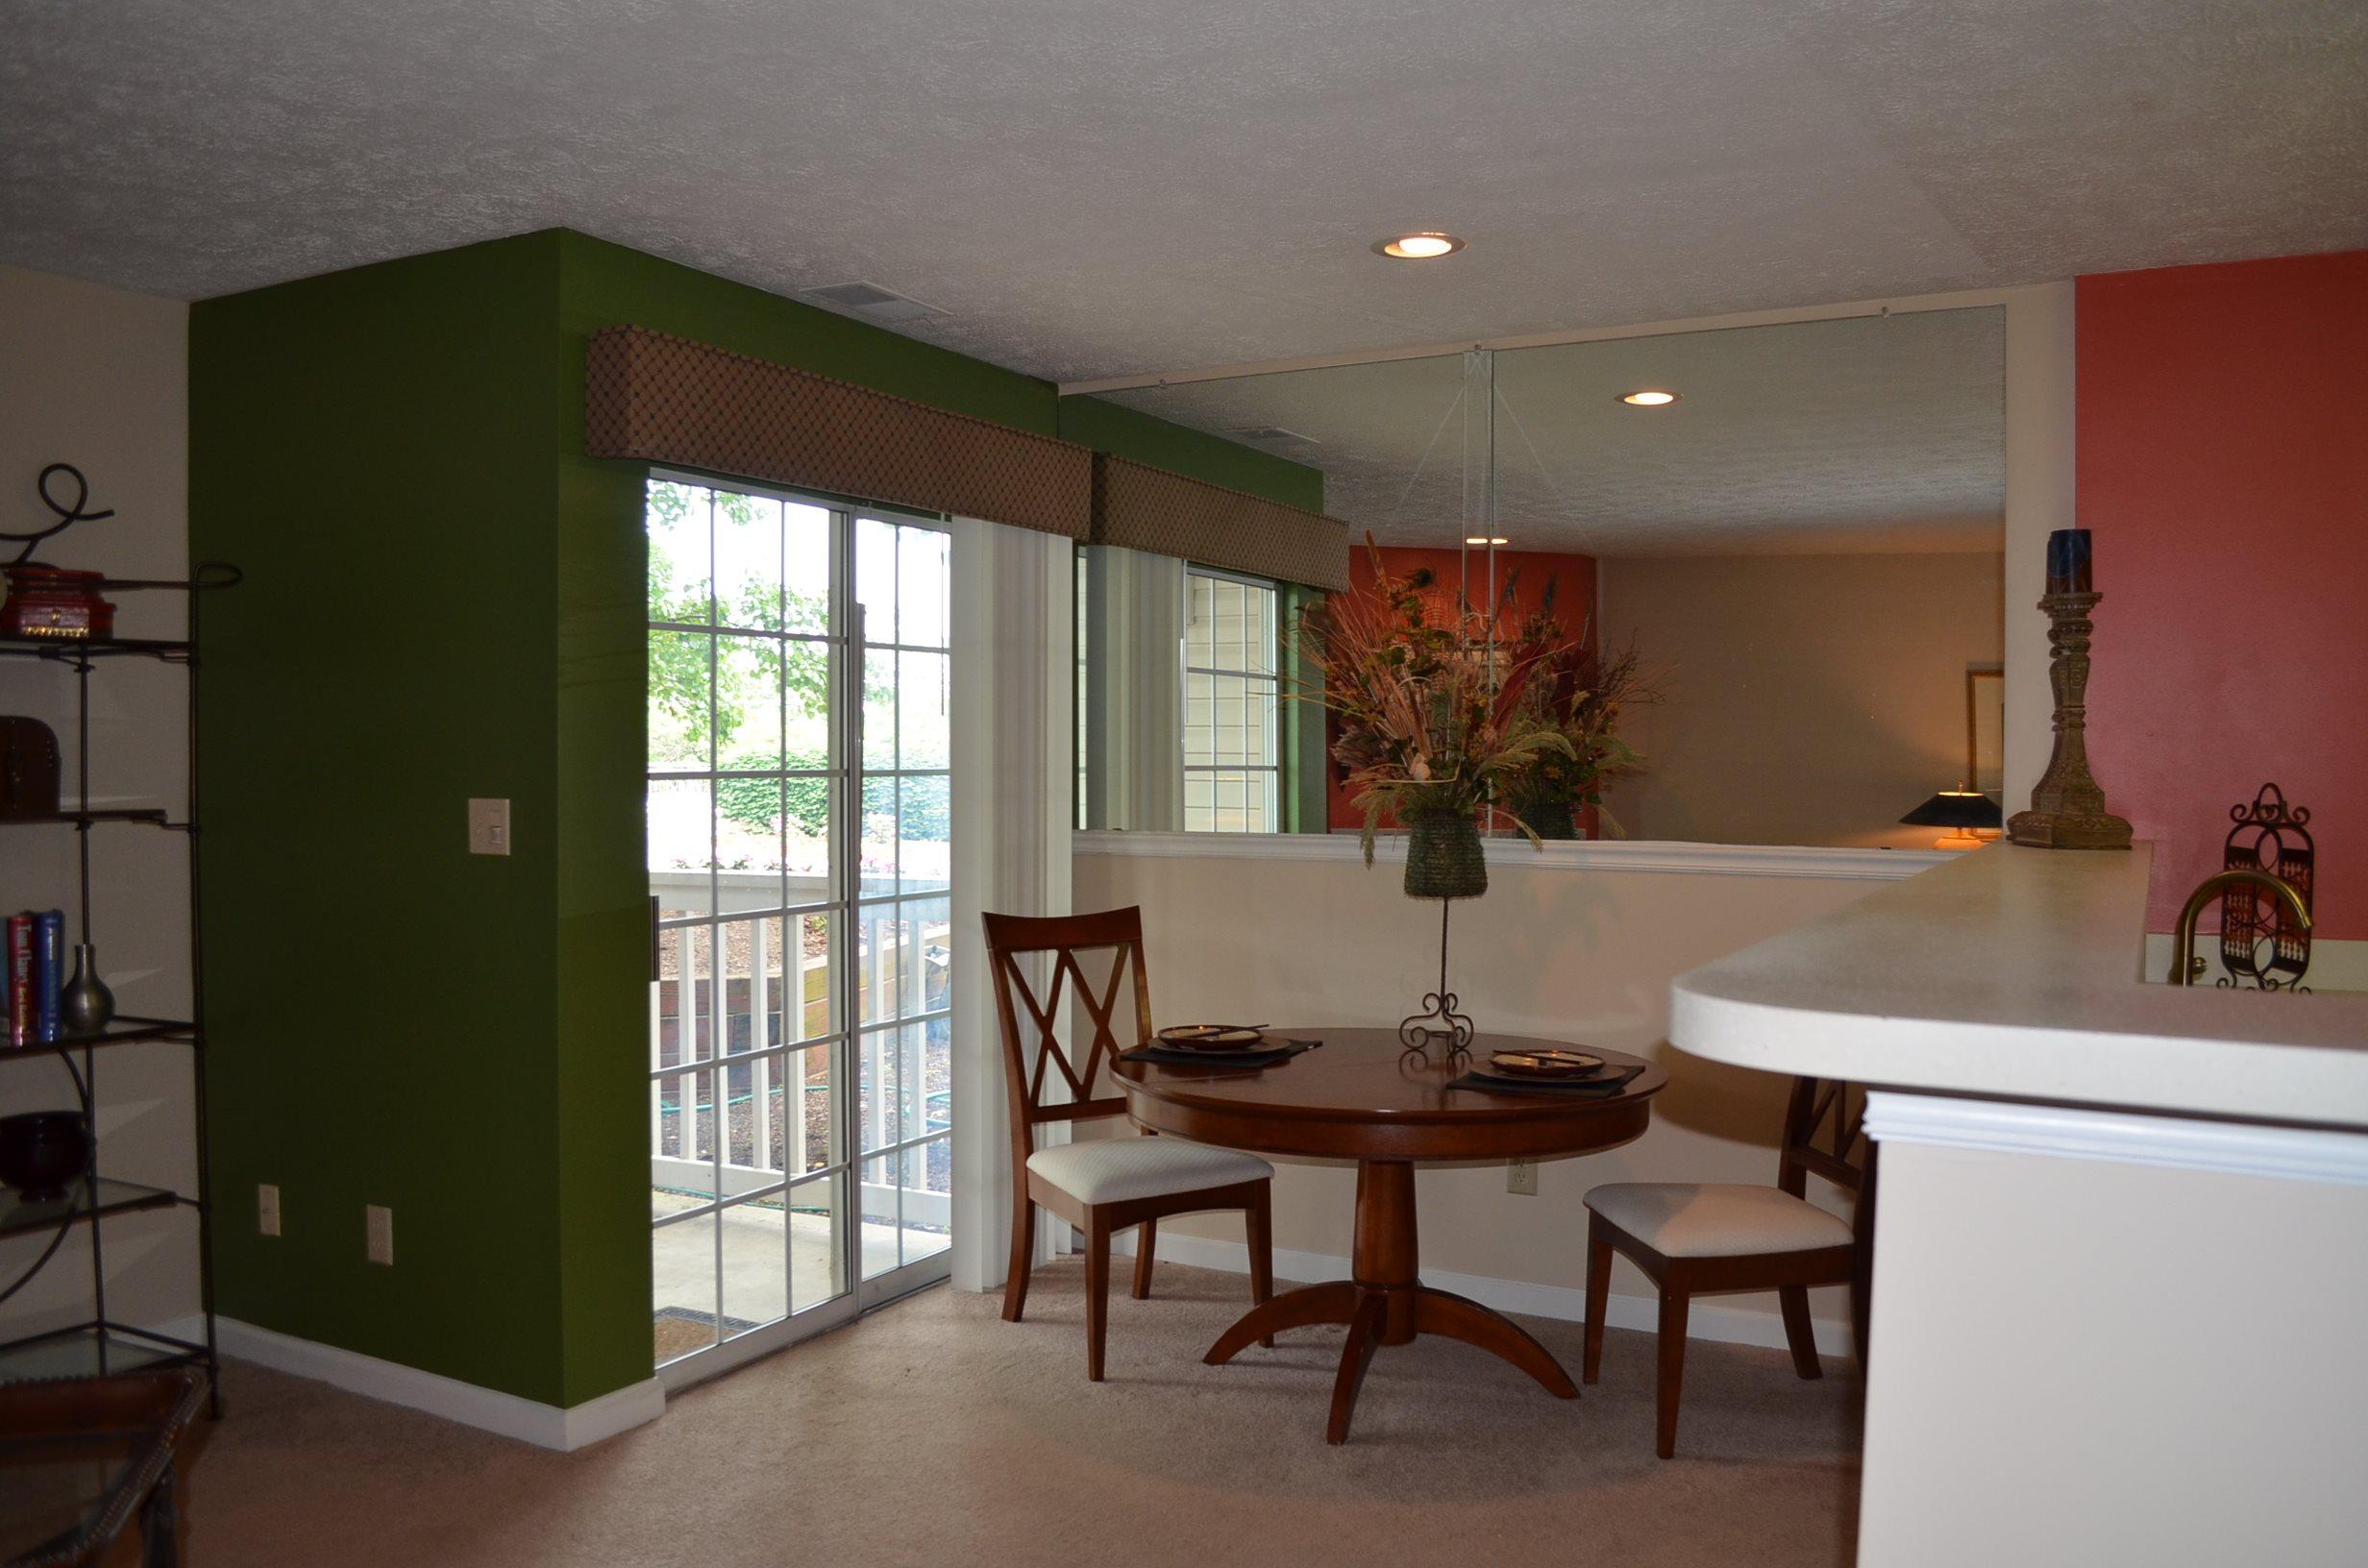 Patchen Oaks Apartments image 4